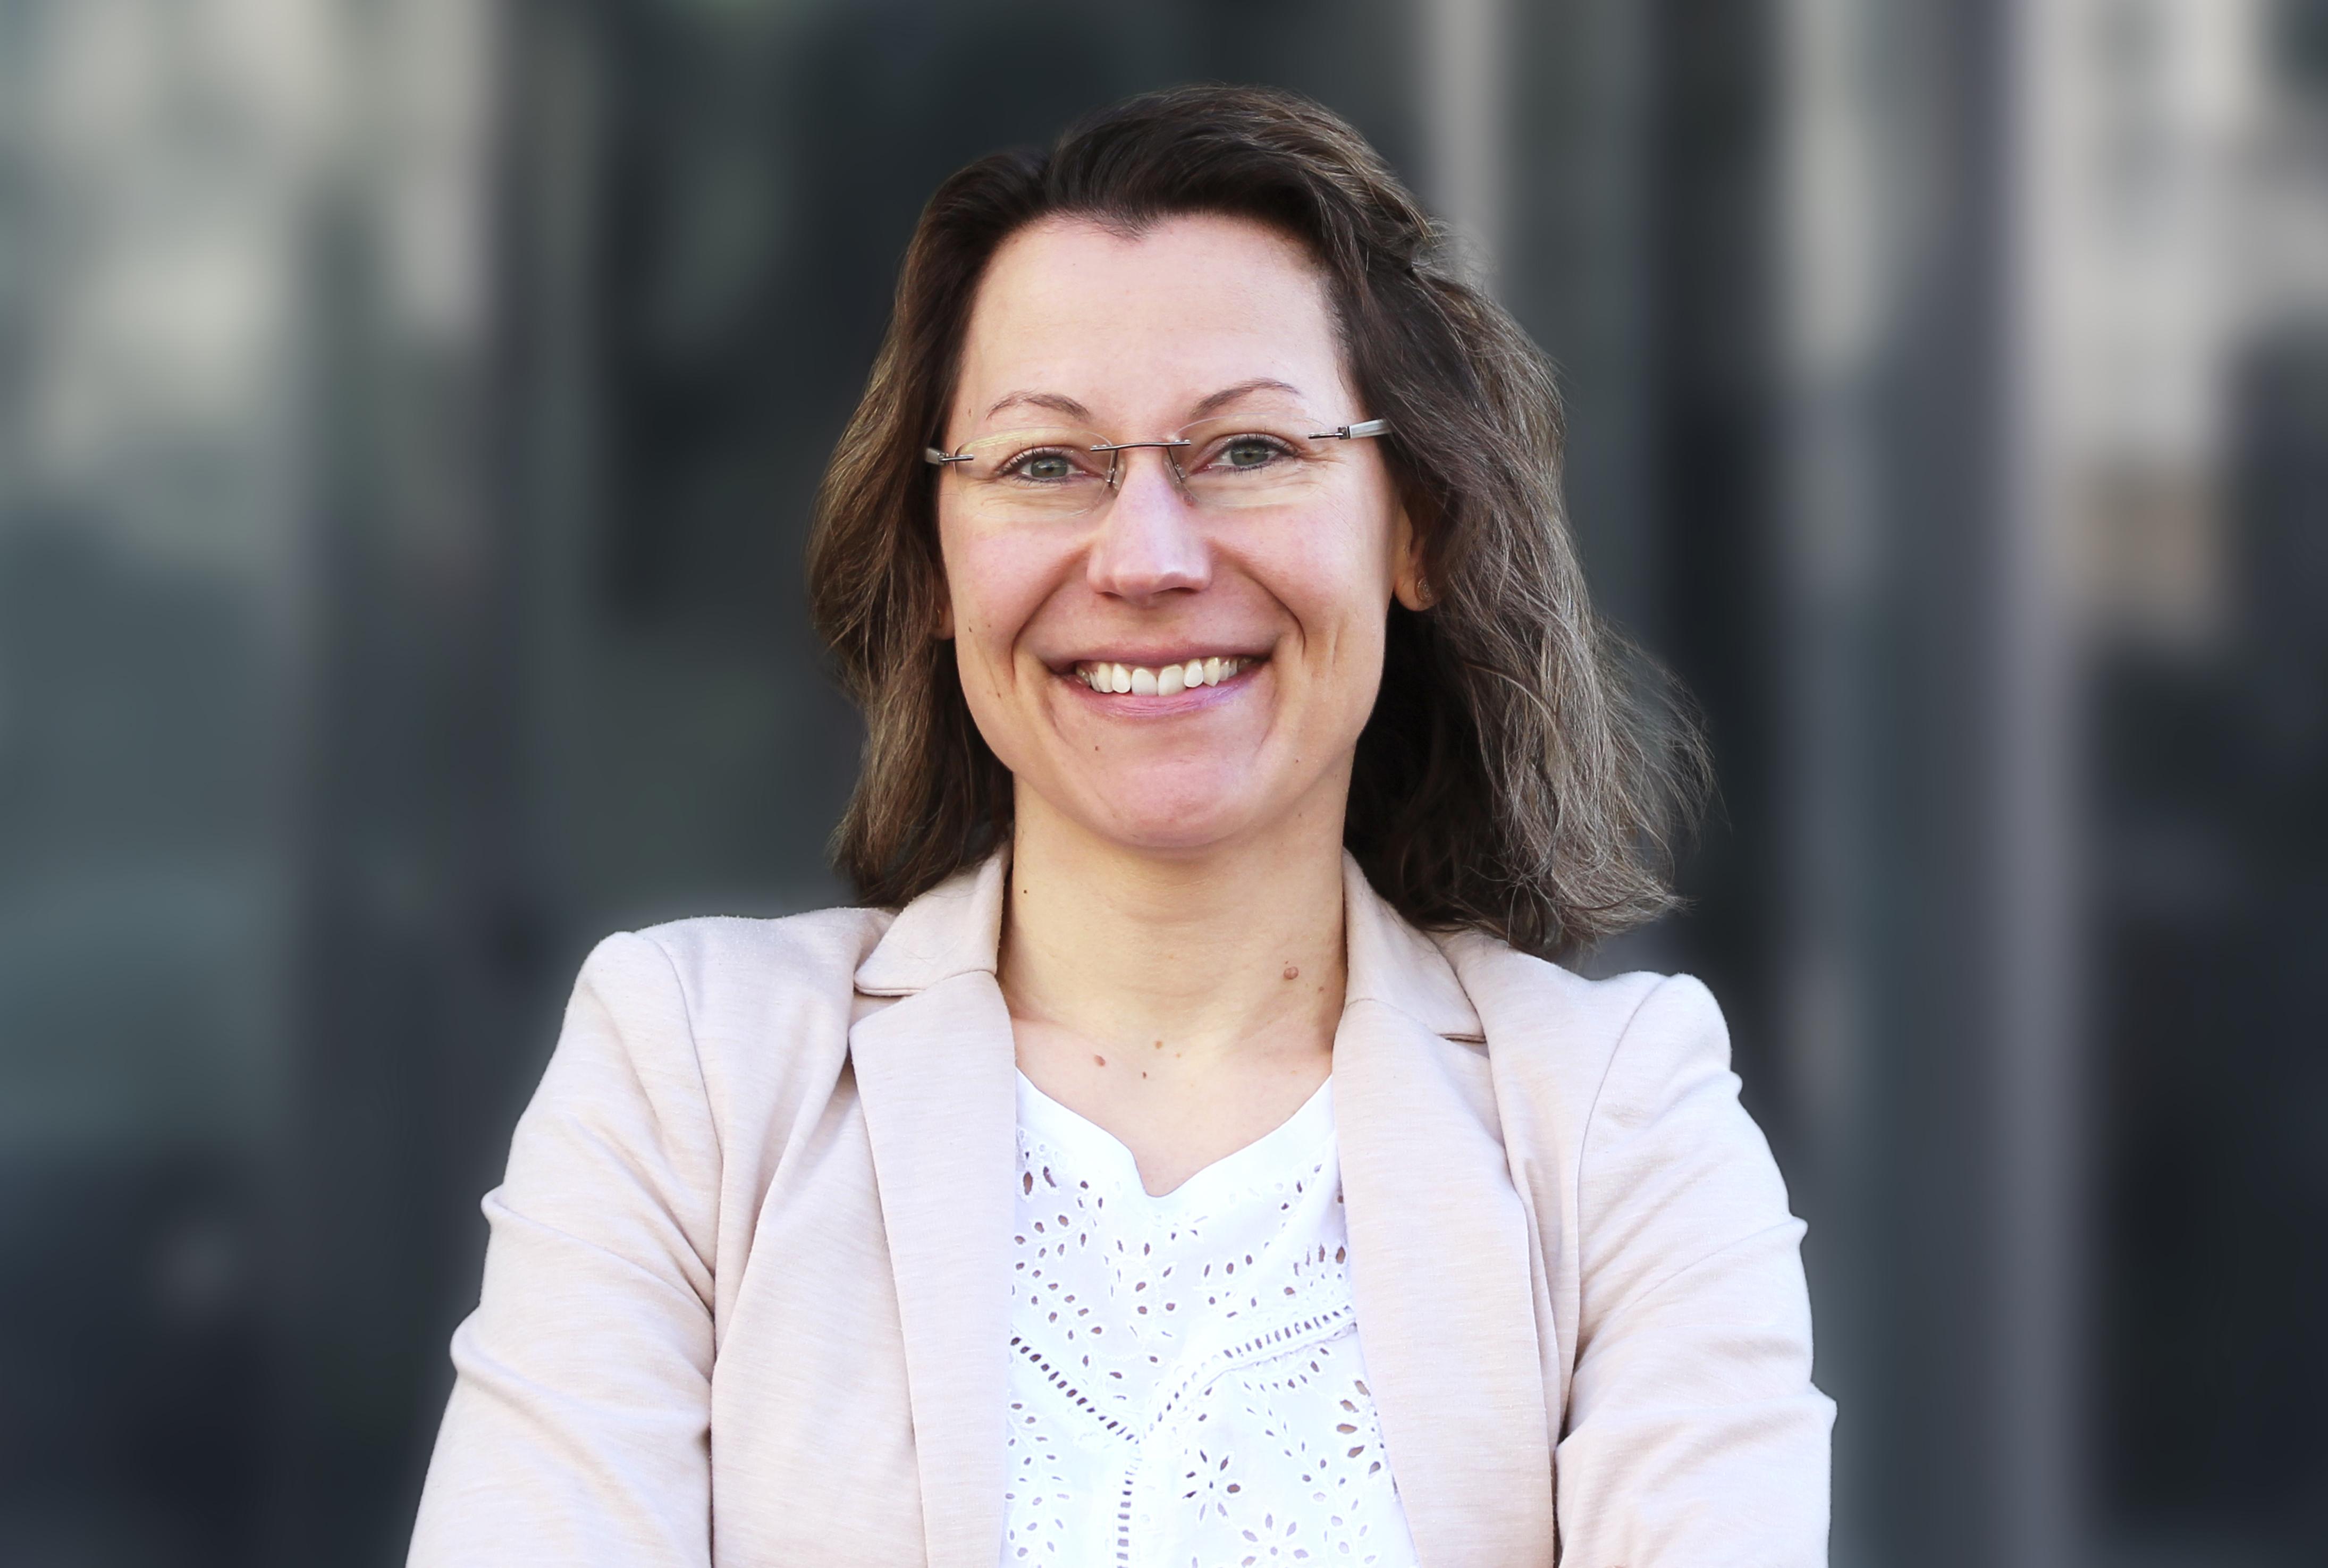 Die Diplom-Journalistin Michaela Steinhauser grüßt als neue PR-Chefin beim BVDA - Foto: BVDA